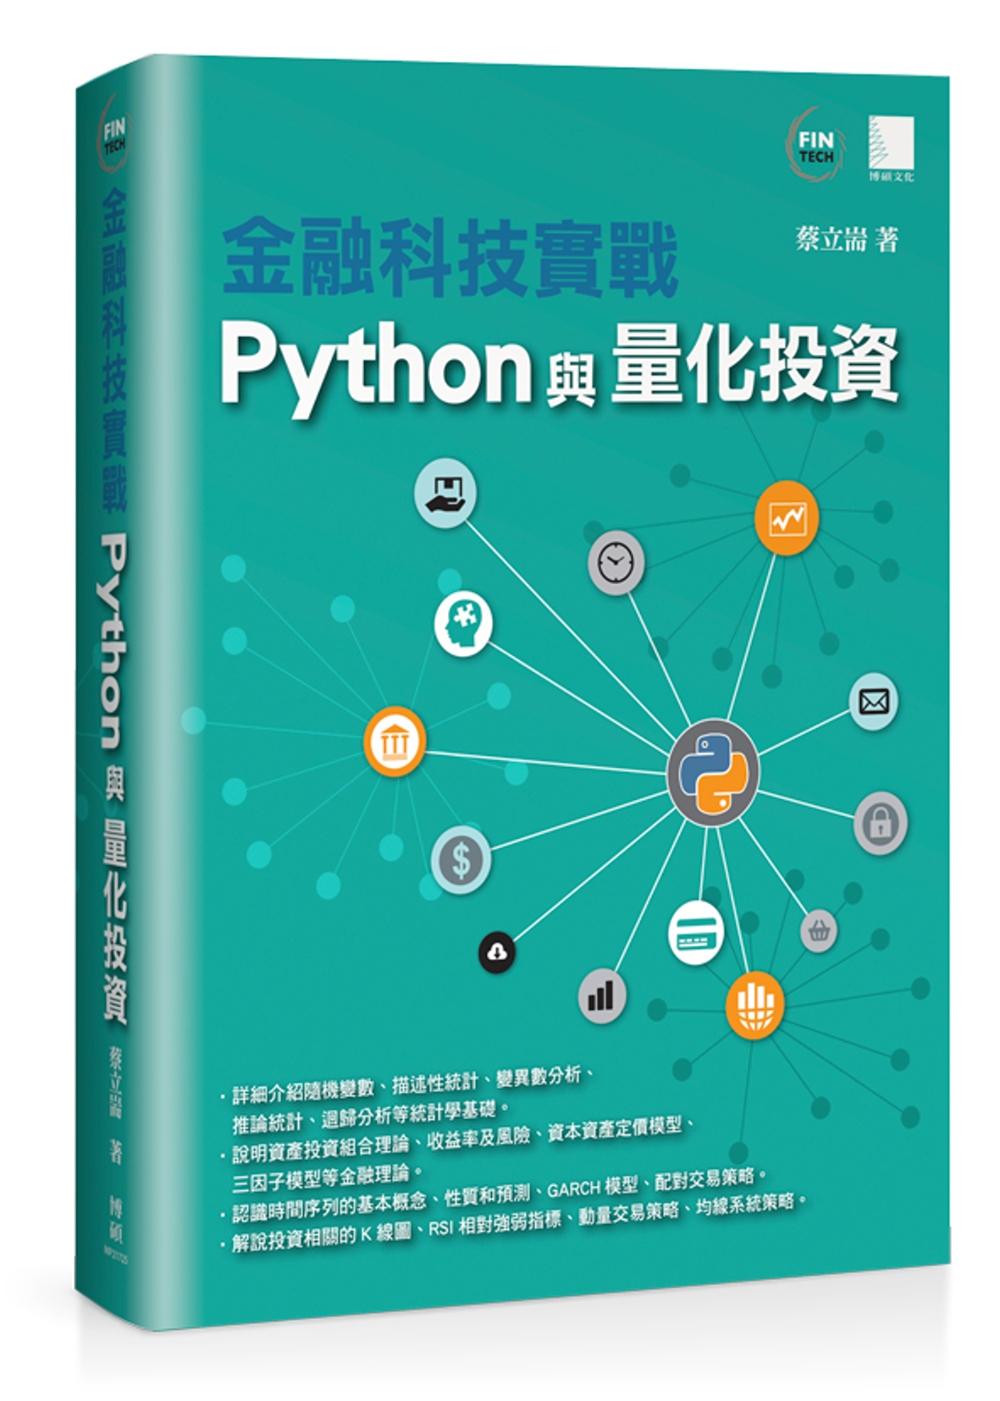 金融科技實戰:Python與量化投資